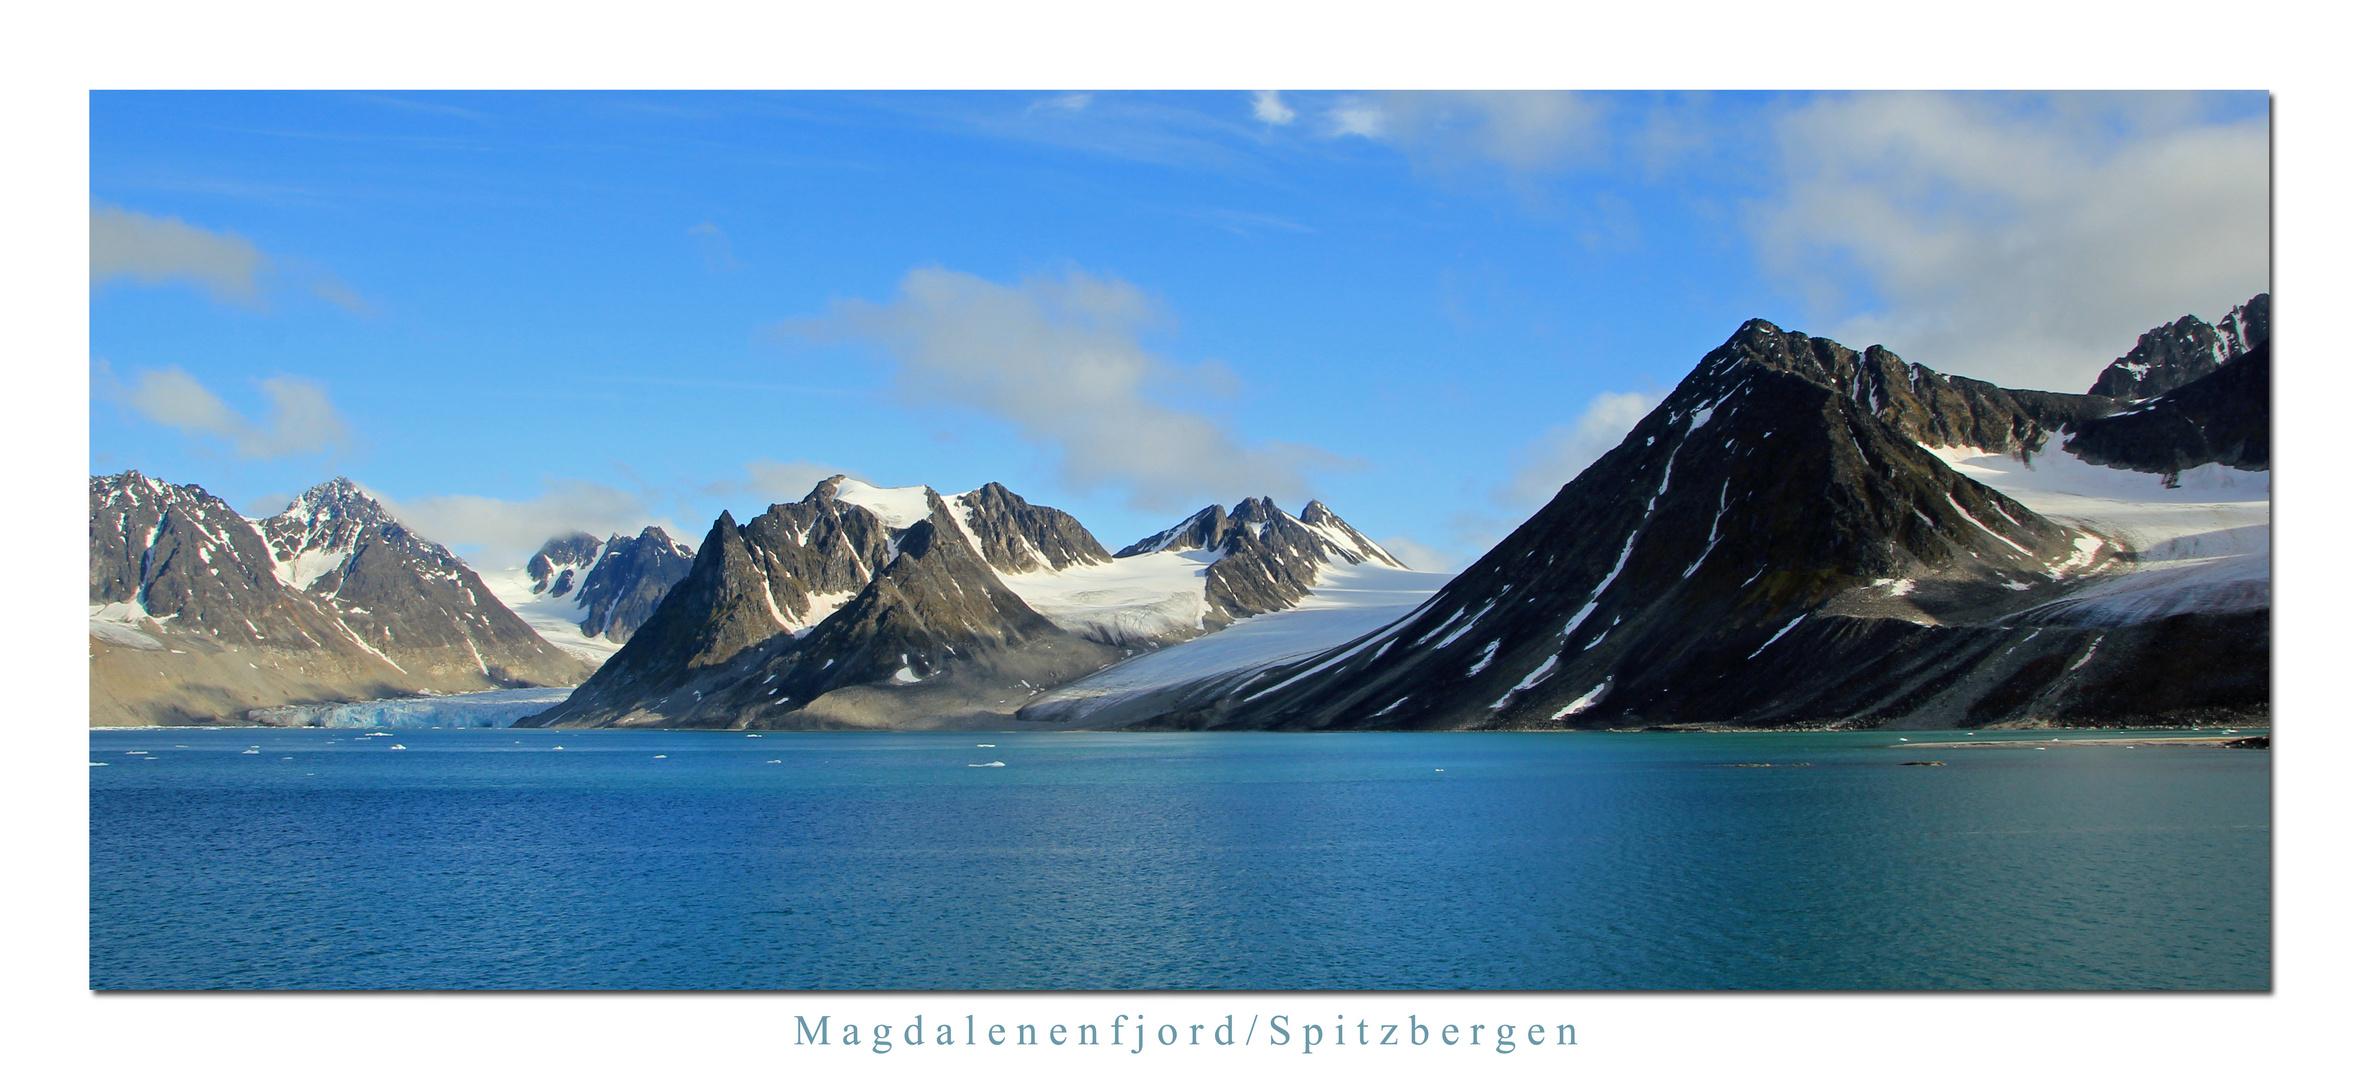 Magdalenenfjord/Spitzbergen